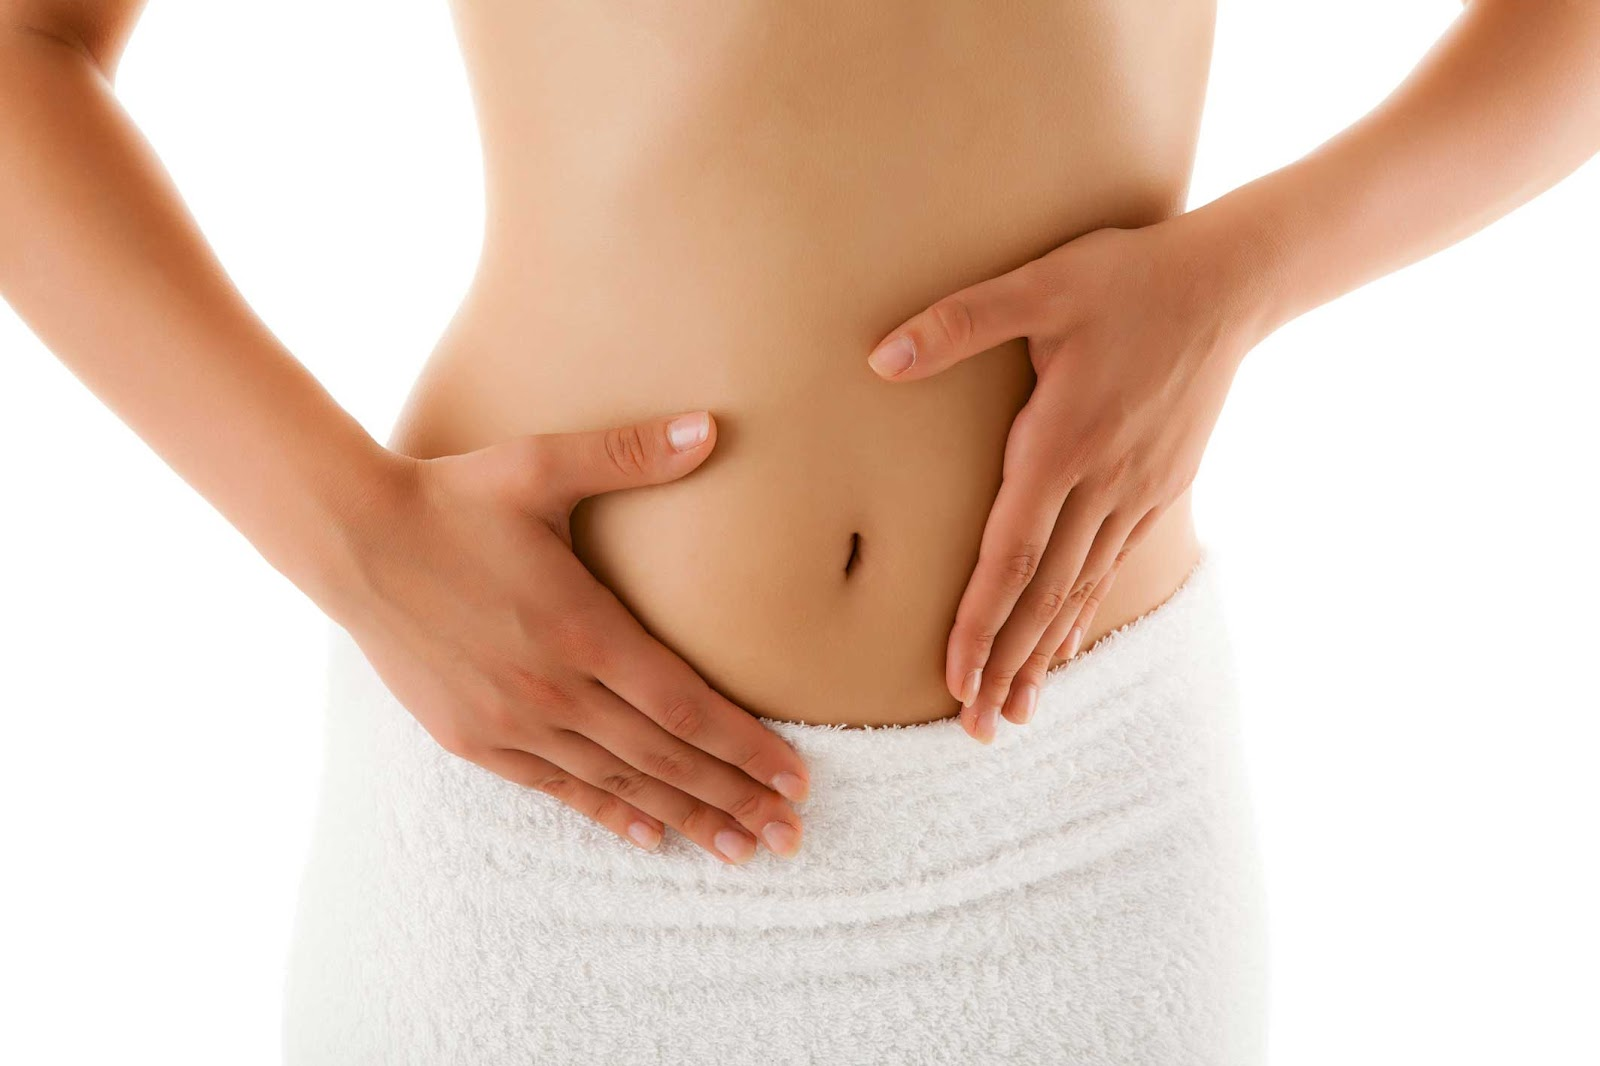 Cirugía estética del abdomen   Iracema Saavedra Pozo